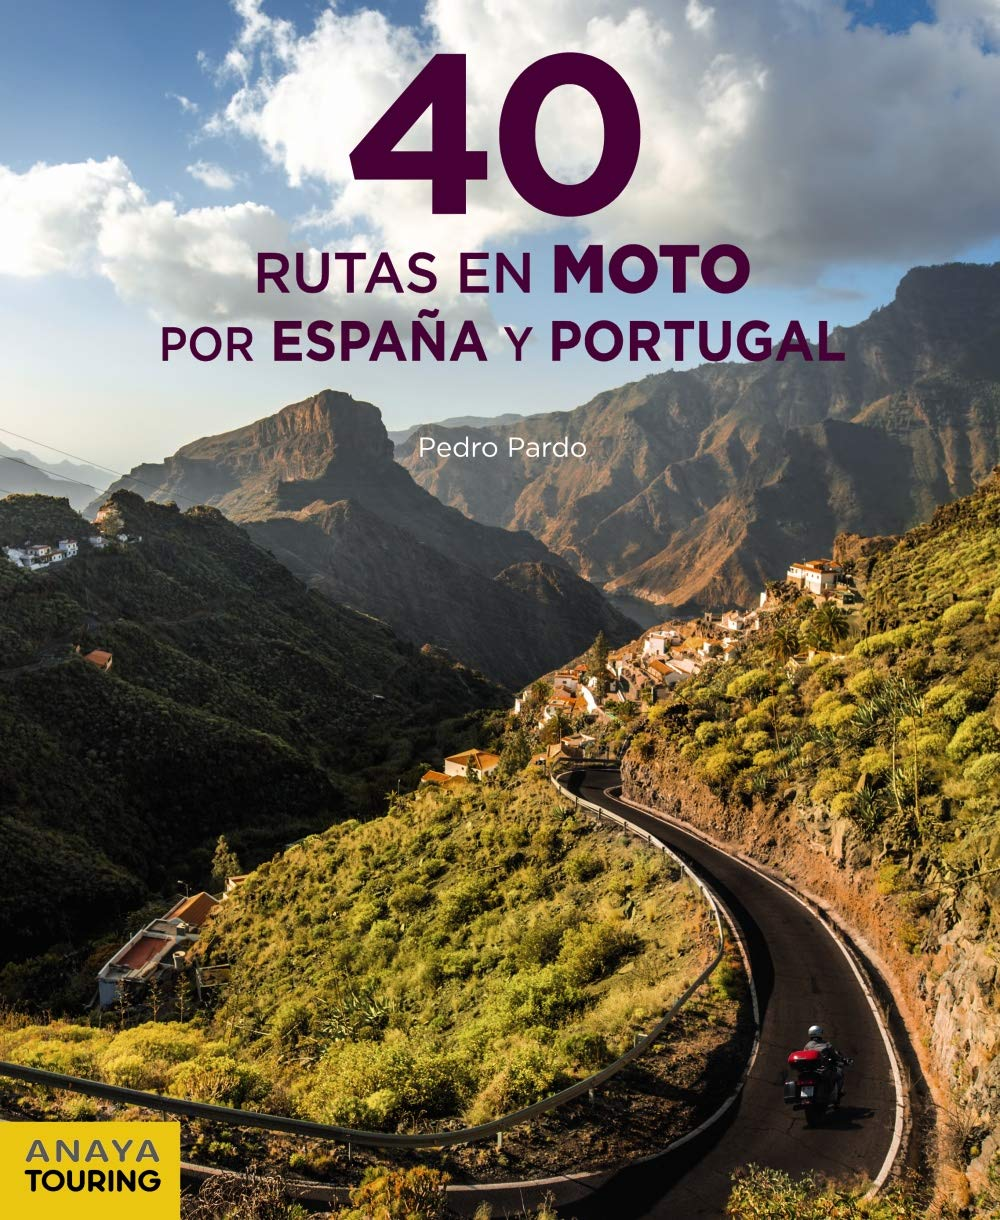 40 Rutas en moto por España y Portugal Guías Singulares: Amazon.es: Pardo Blanco, Pedro: Libros